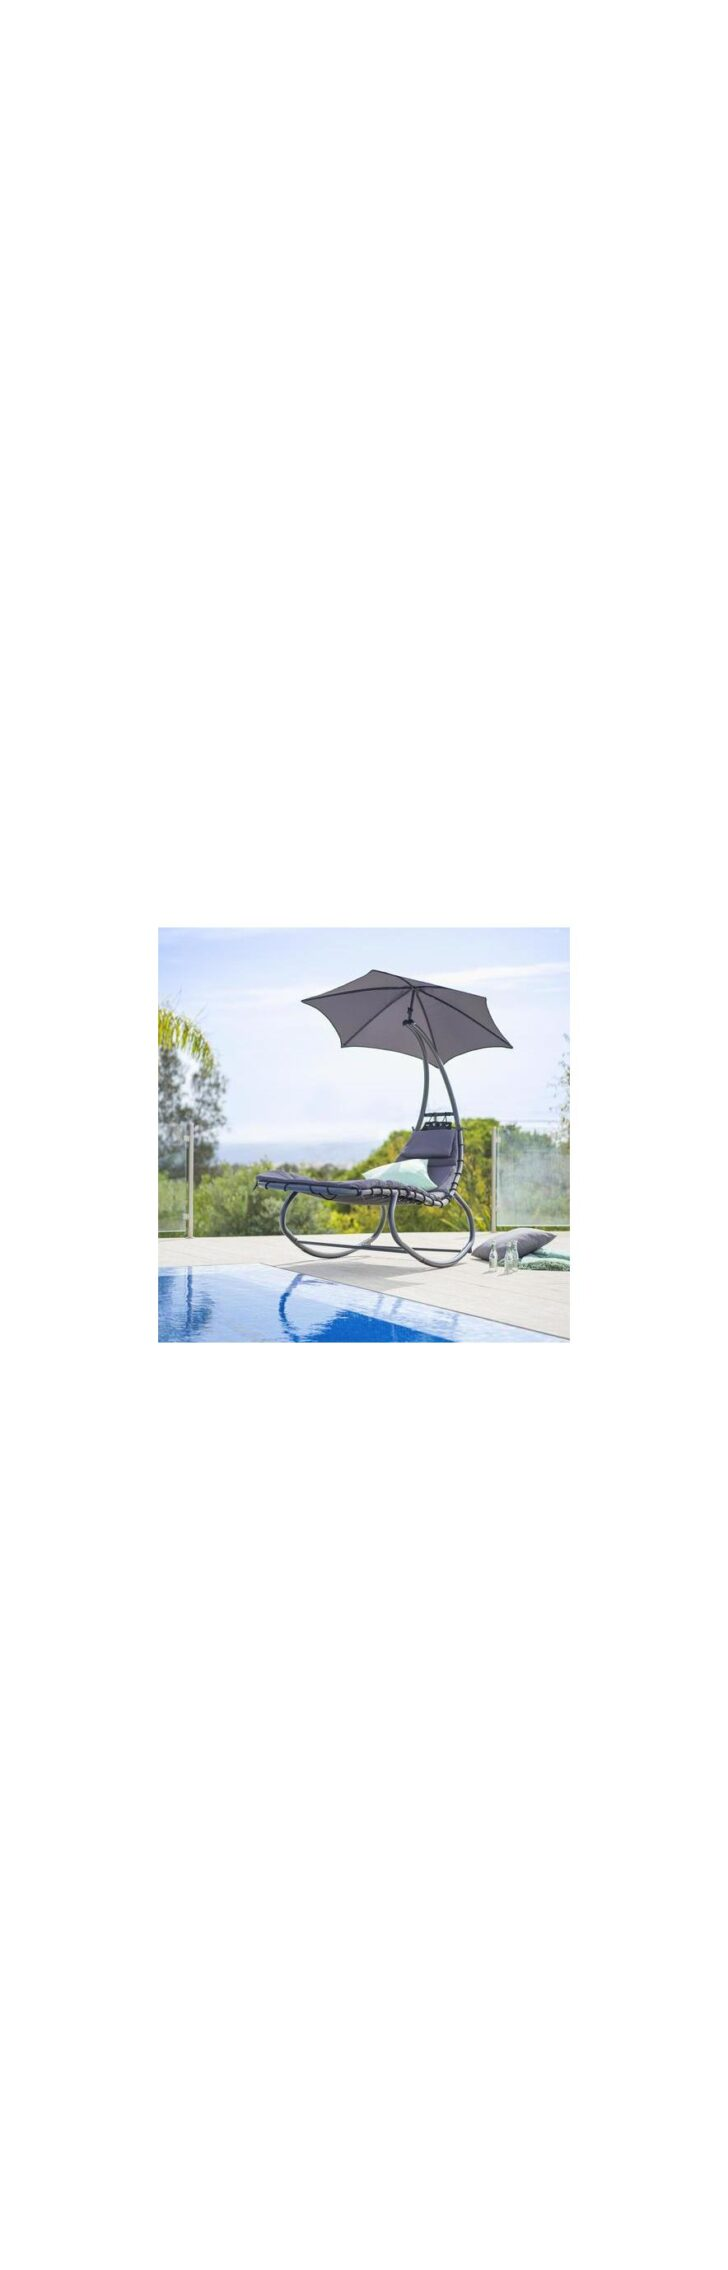 Medium Size of Relaxliege Modern Leder Garten In Anthrazit Schwarz Online Kaufen Mmax Deckenlampen Wohnzimmer Modernes Sofa Bett Design Deckenleuchte Schlafzimmer Moderne Wohnzimmer Relaxliege Modern